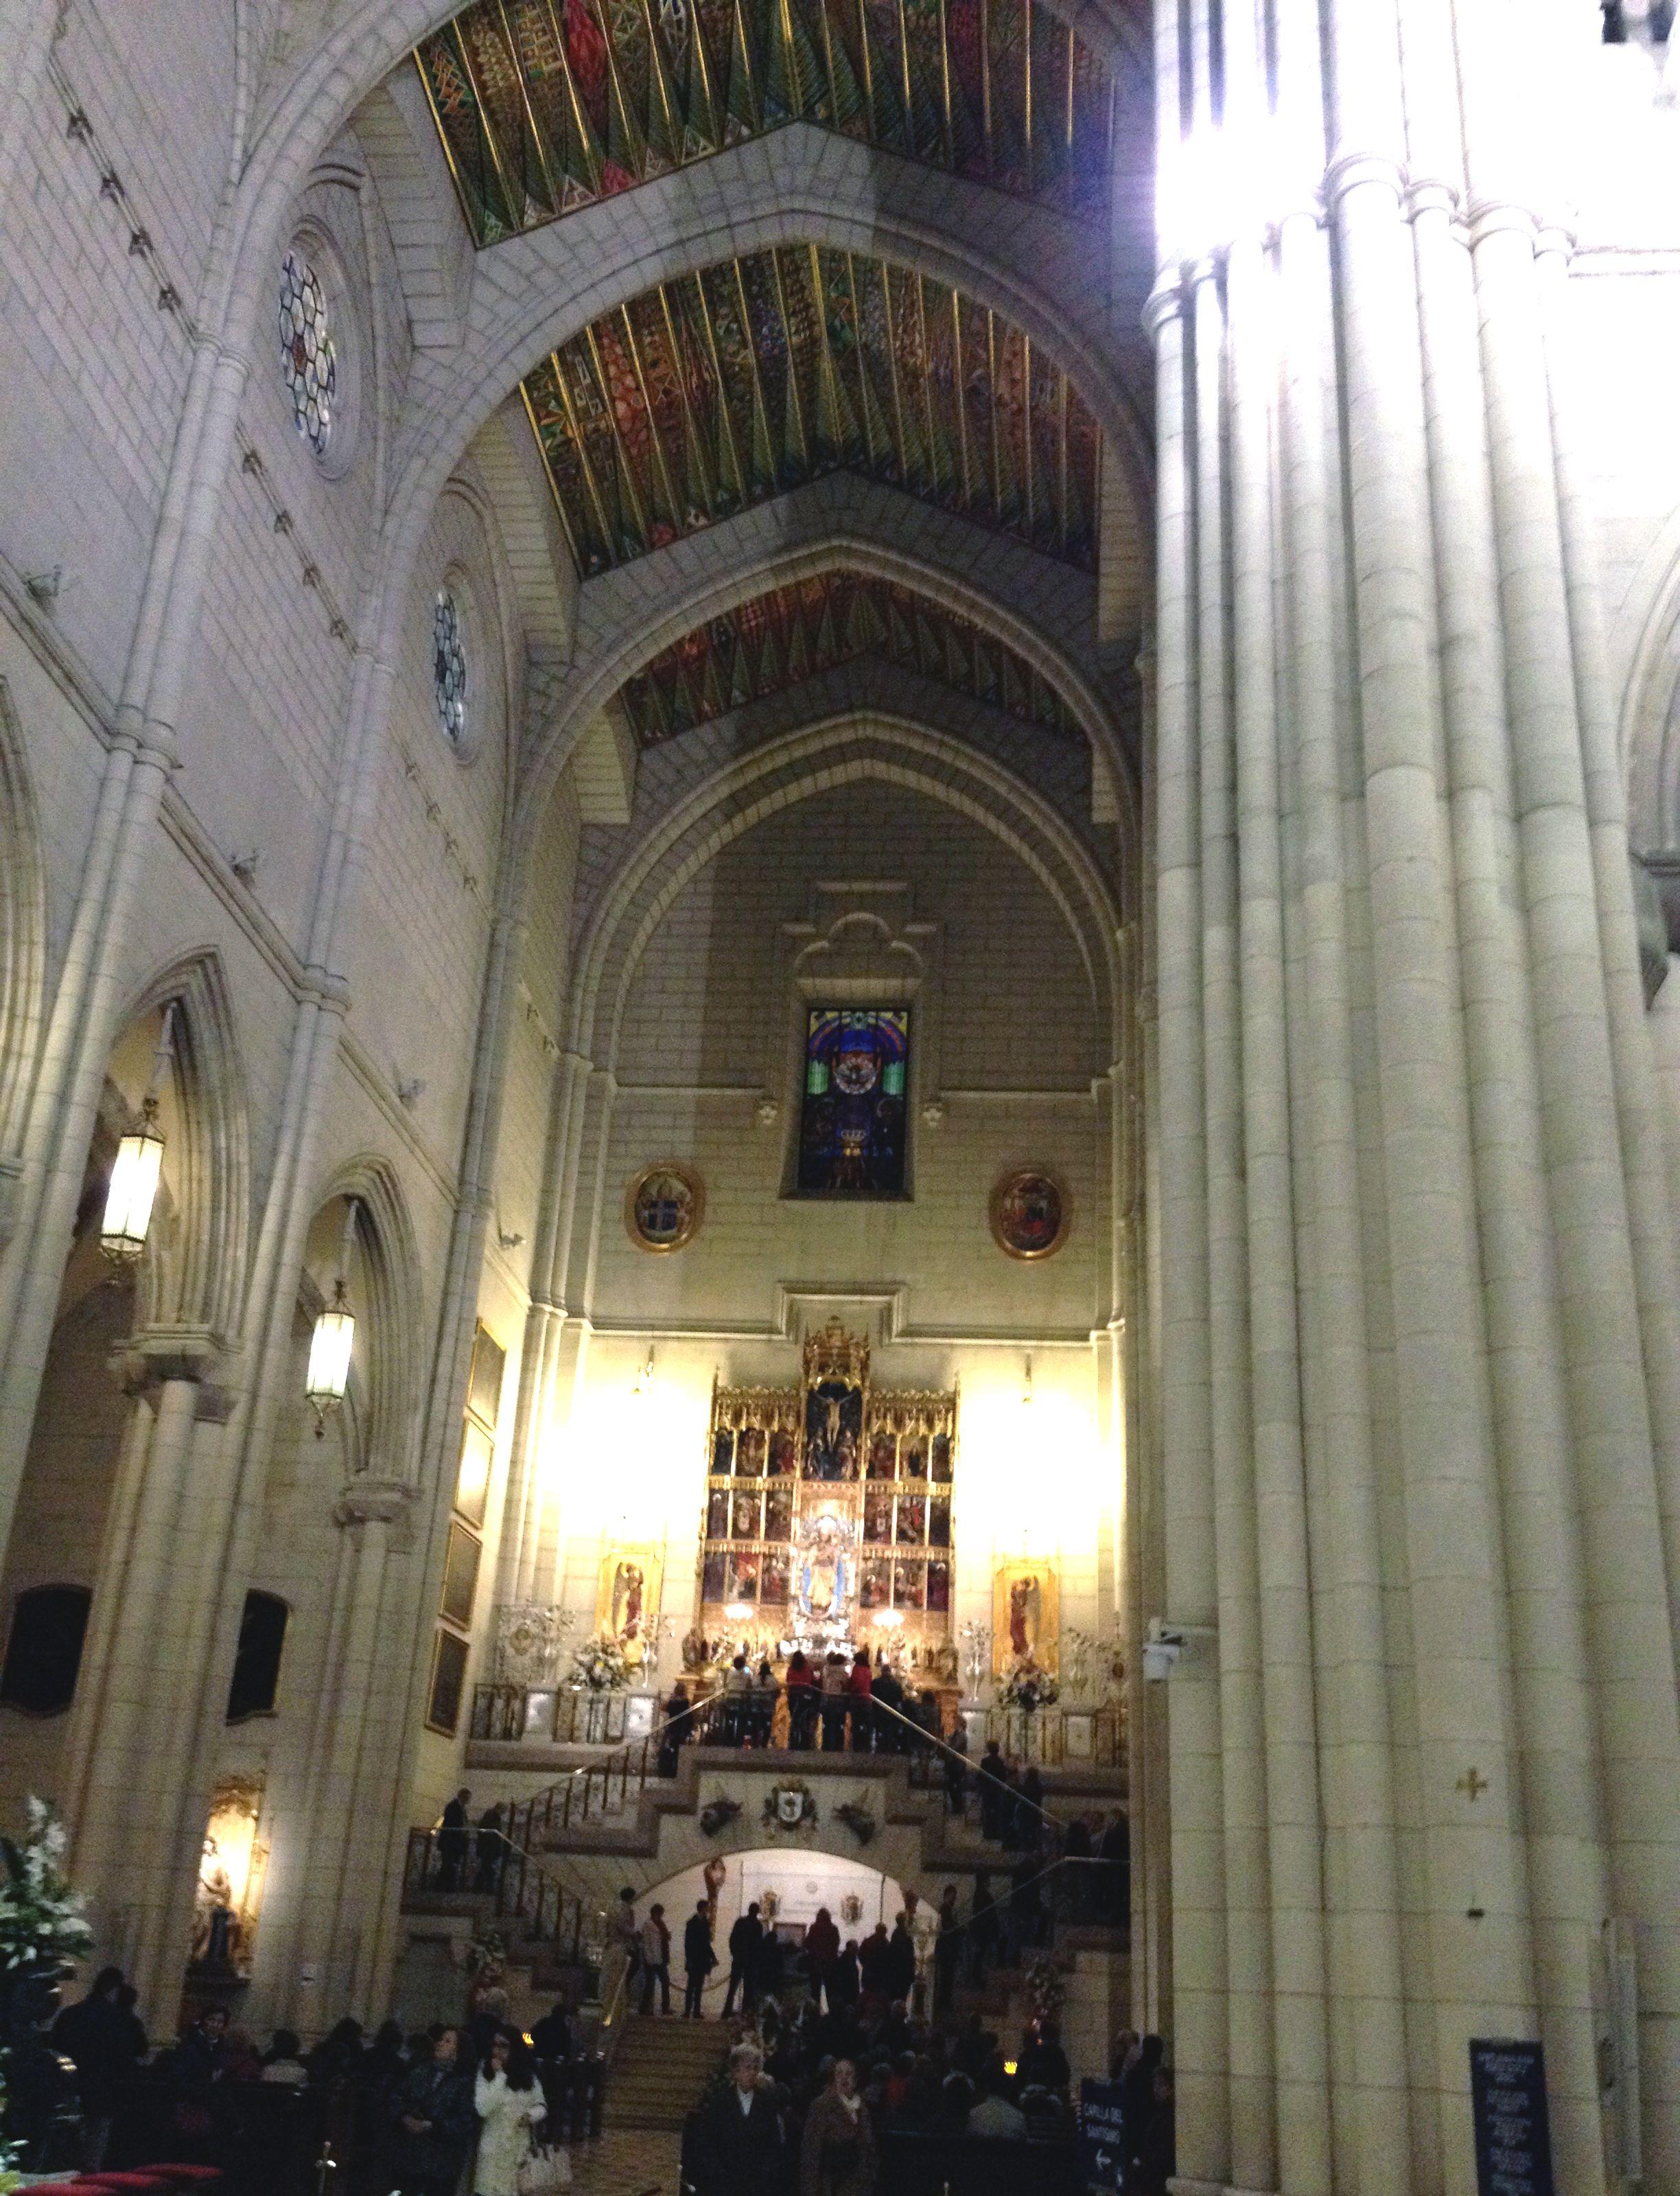 Altar De La Virgen De La Almudena En La Santa Iglesia Catedral De La Almudena Calle Bailén 10 Iglesia Catedral Santa Iglesia Catedral